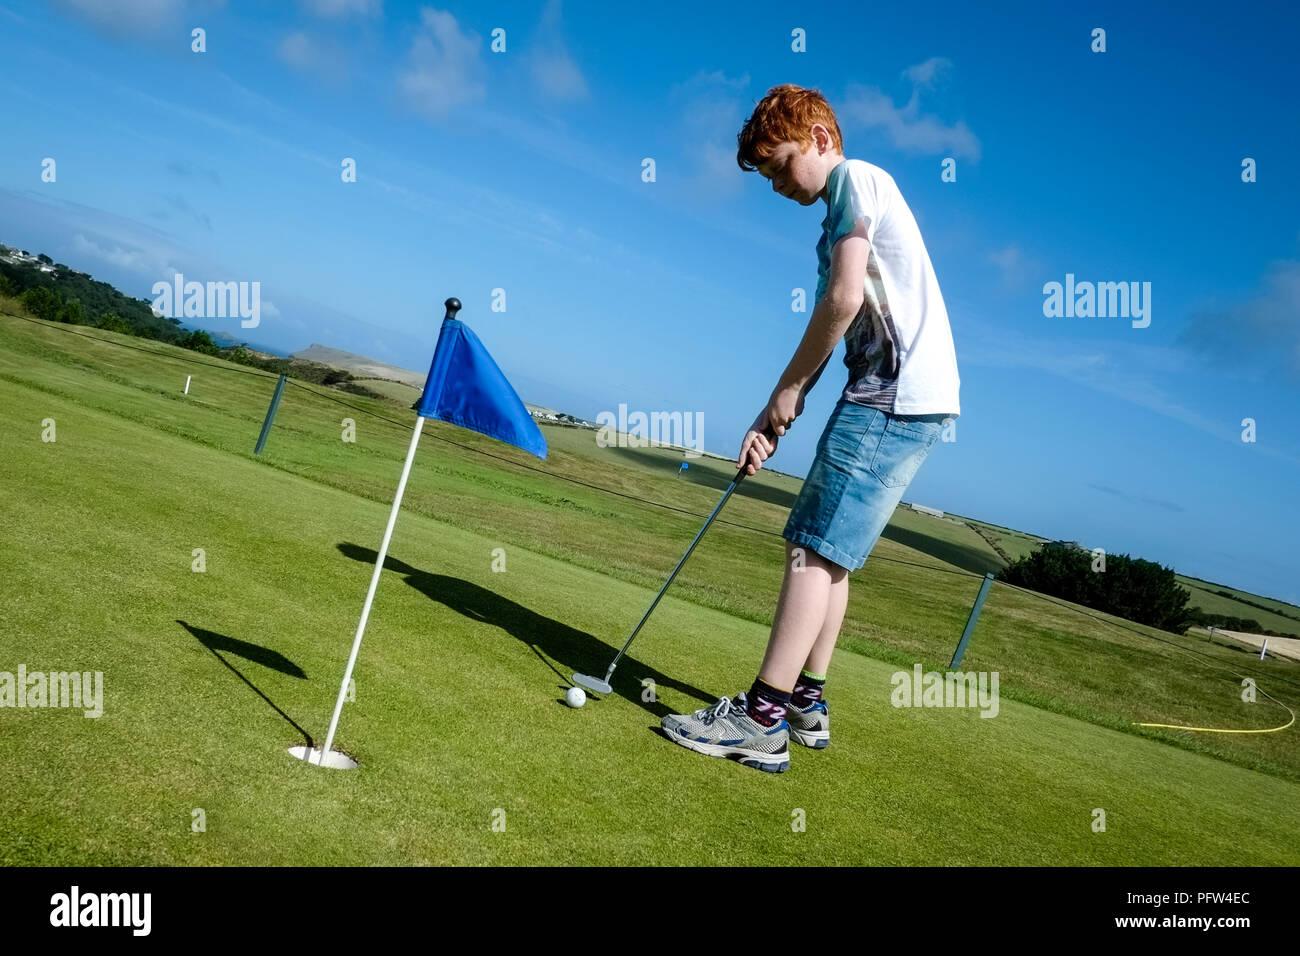 Jeune garçon adolescent pratique de mettre une balle de golf sur un green.Cornwall Polzeath. Banque D'Images